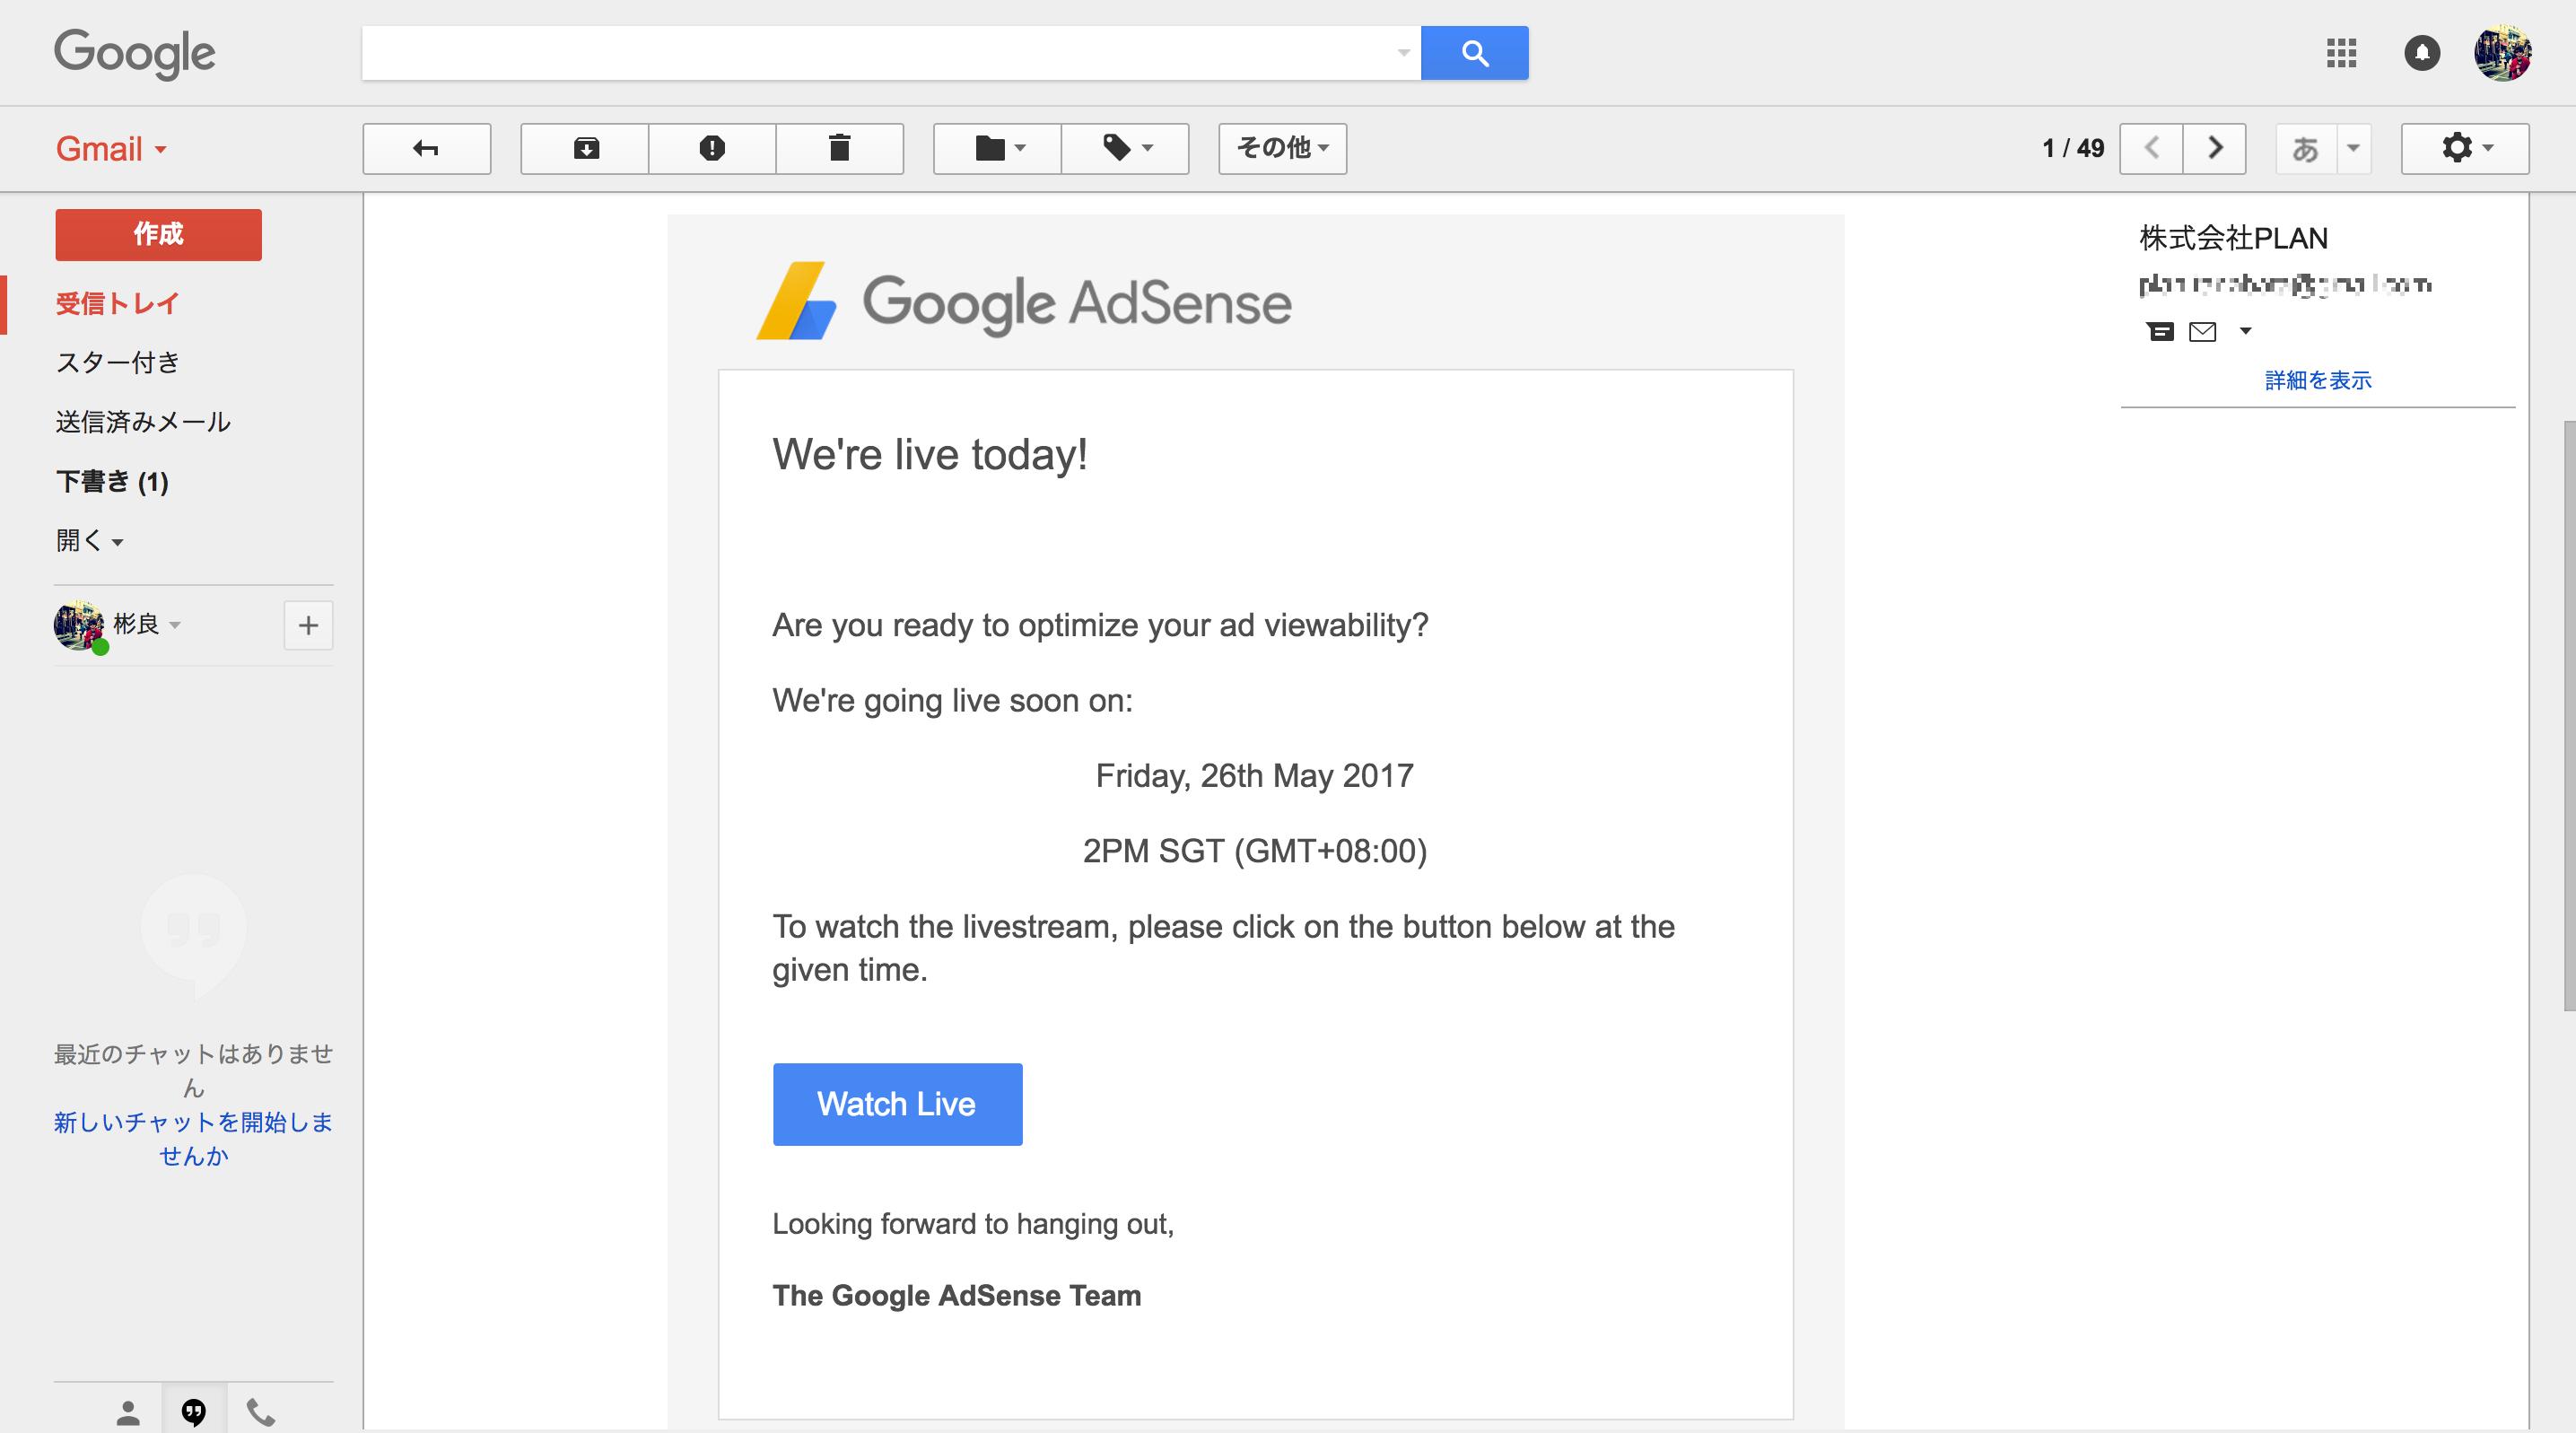 google adsense live stream